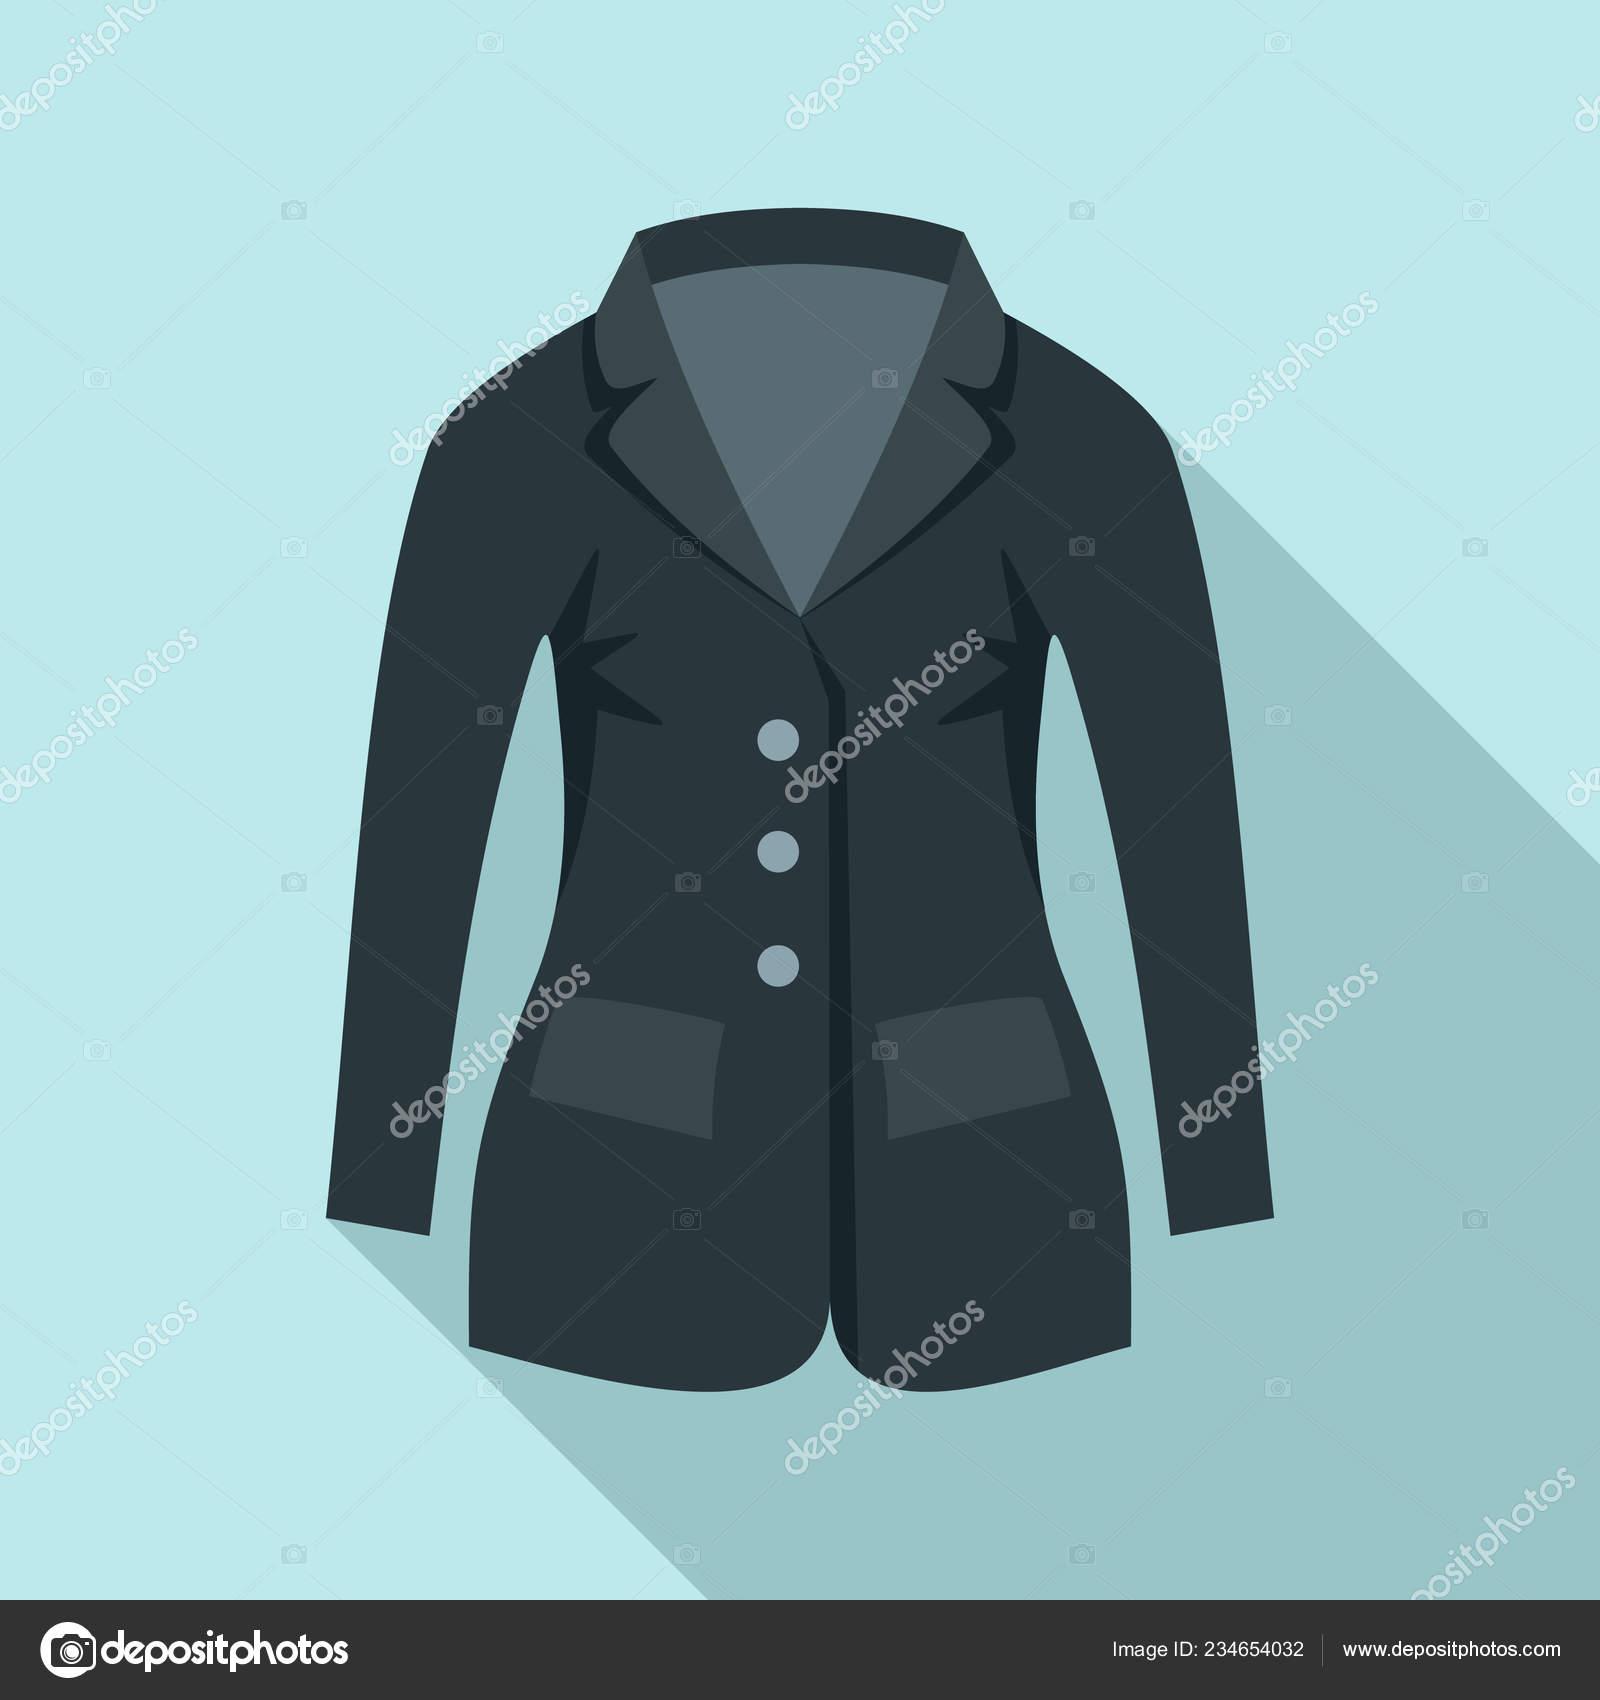 Horse Riding Jacket Icon Flat Style Stock Vector C Anatolir 234654032